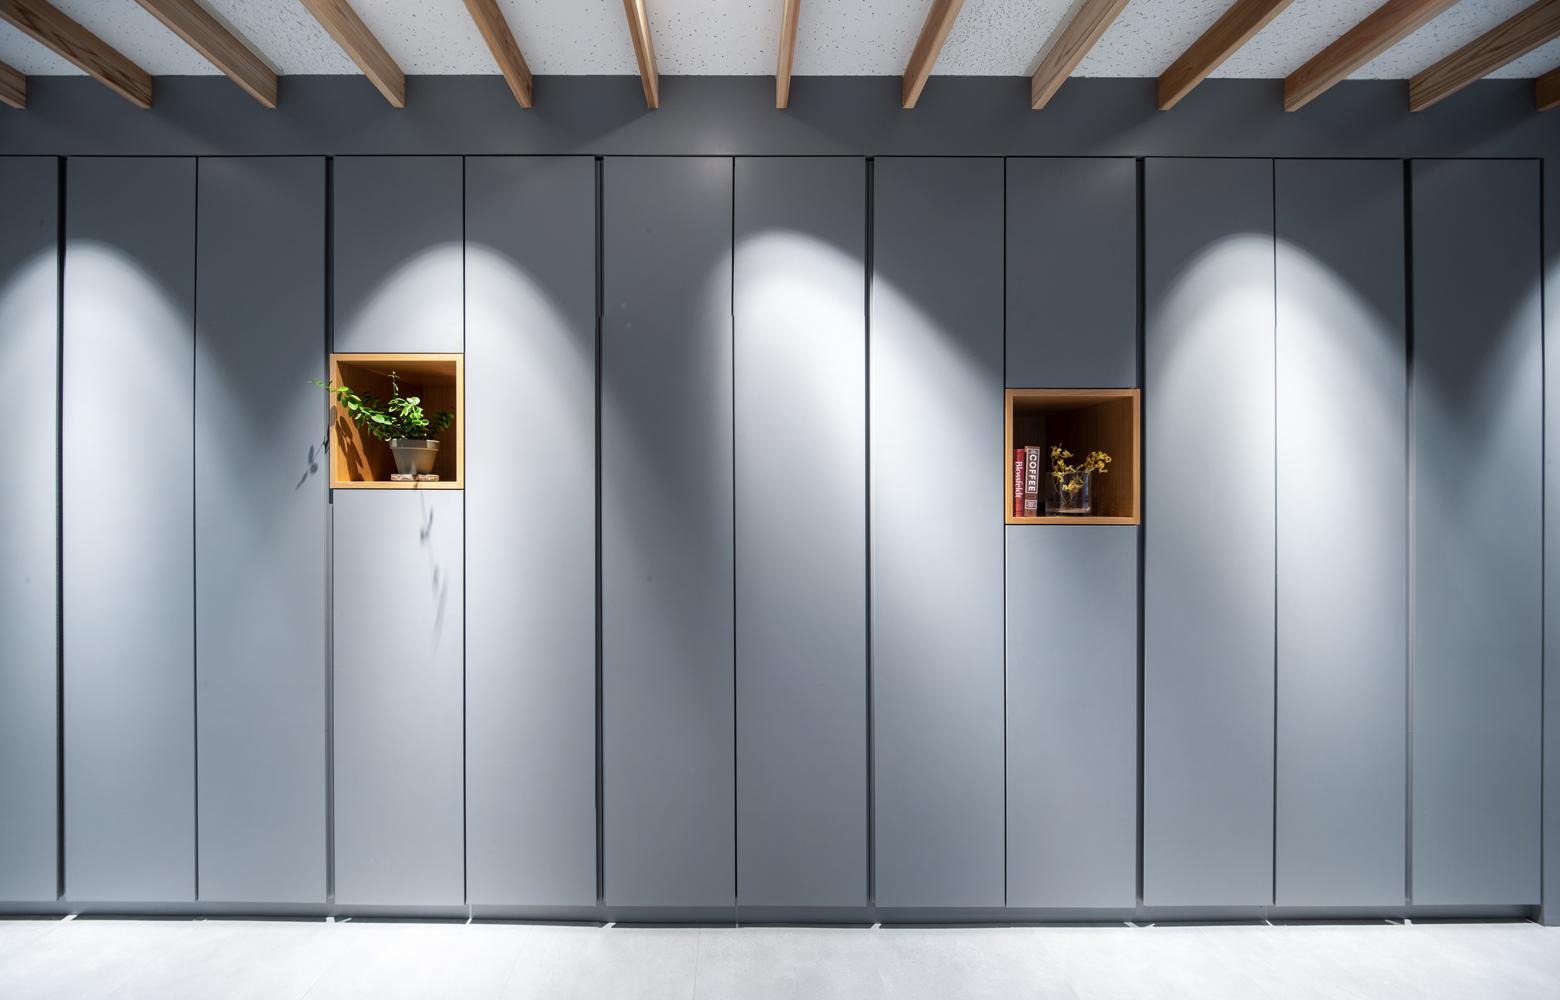 日昭電気株式会社 Storage_Close デザイン・レイアウト事例